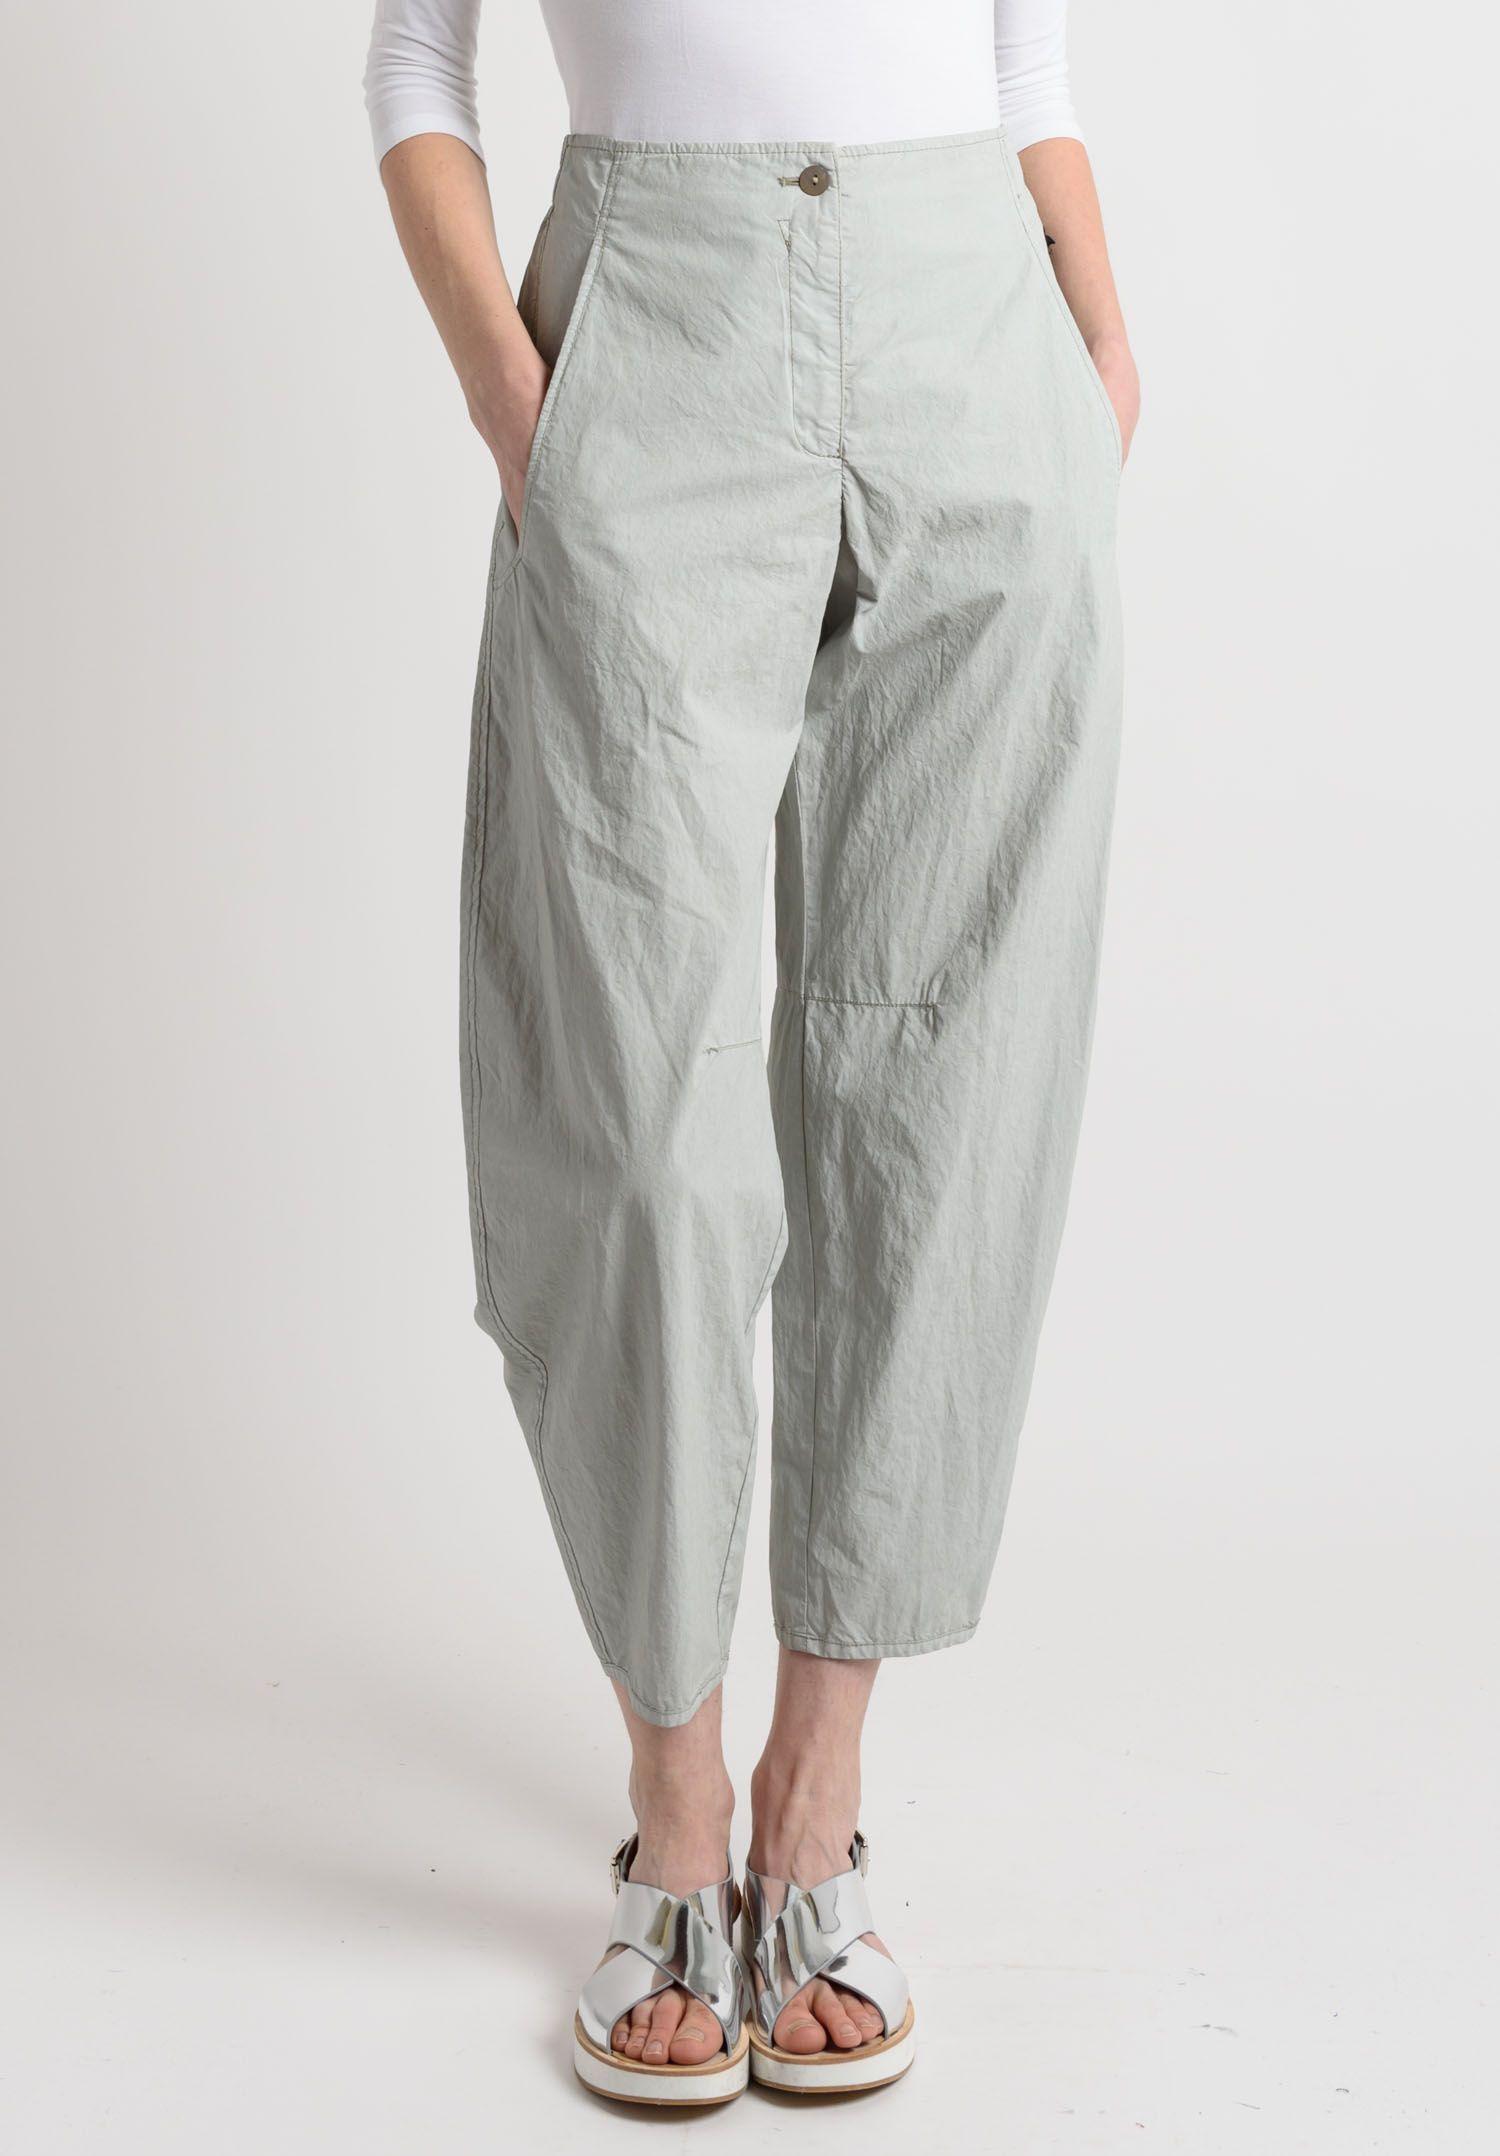 Oska - Cotton Wide Ankle Pants in Beige